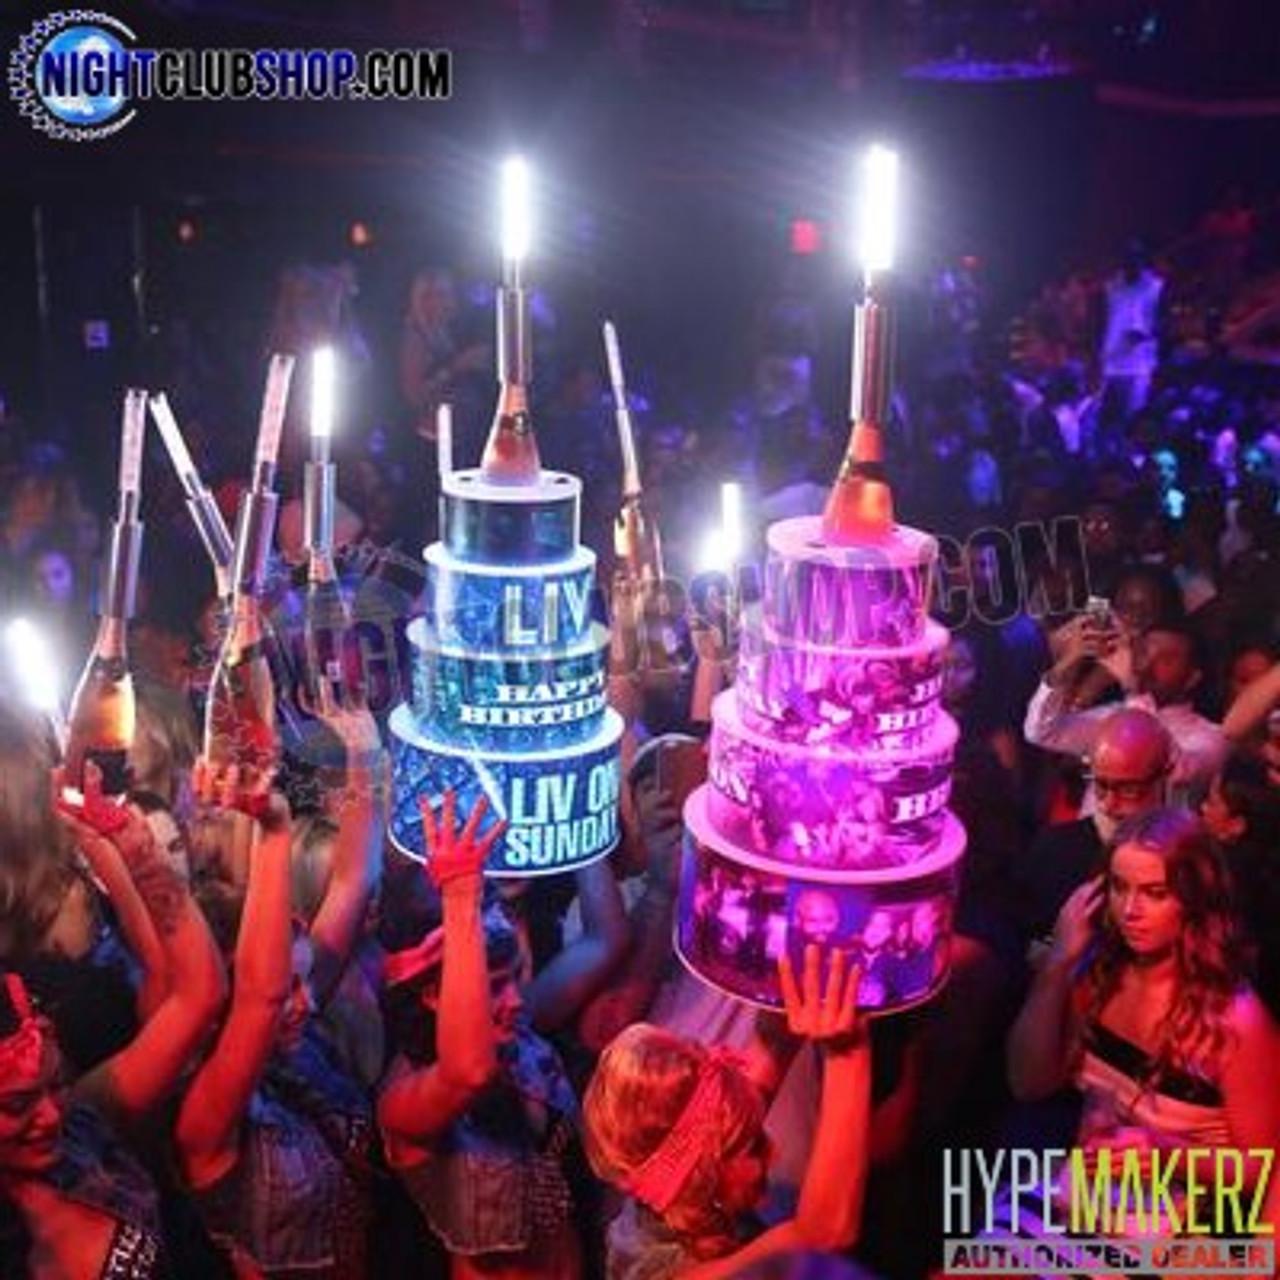 Happy, Birthday, Celebration, Cake, LED, RGB, Remote, Controlled, Bottle, Service, Delivery, RF, Nightclub, Nightlife, Nightclubshop, Club, Bar, Casino, Hotel